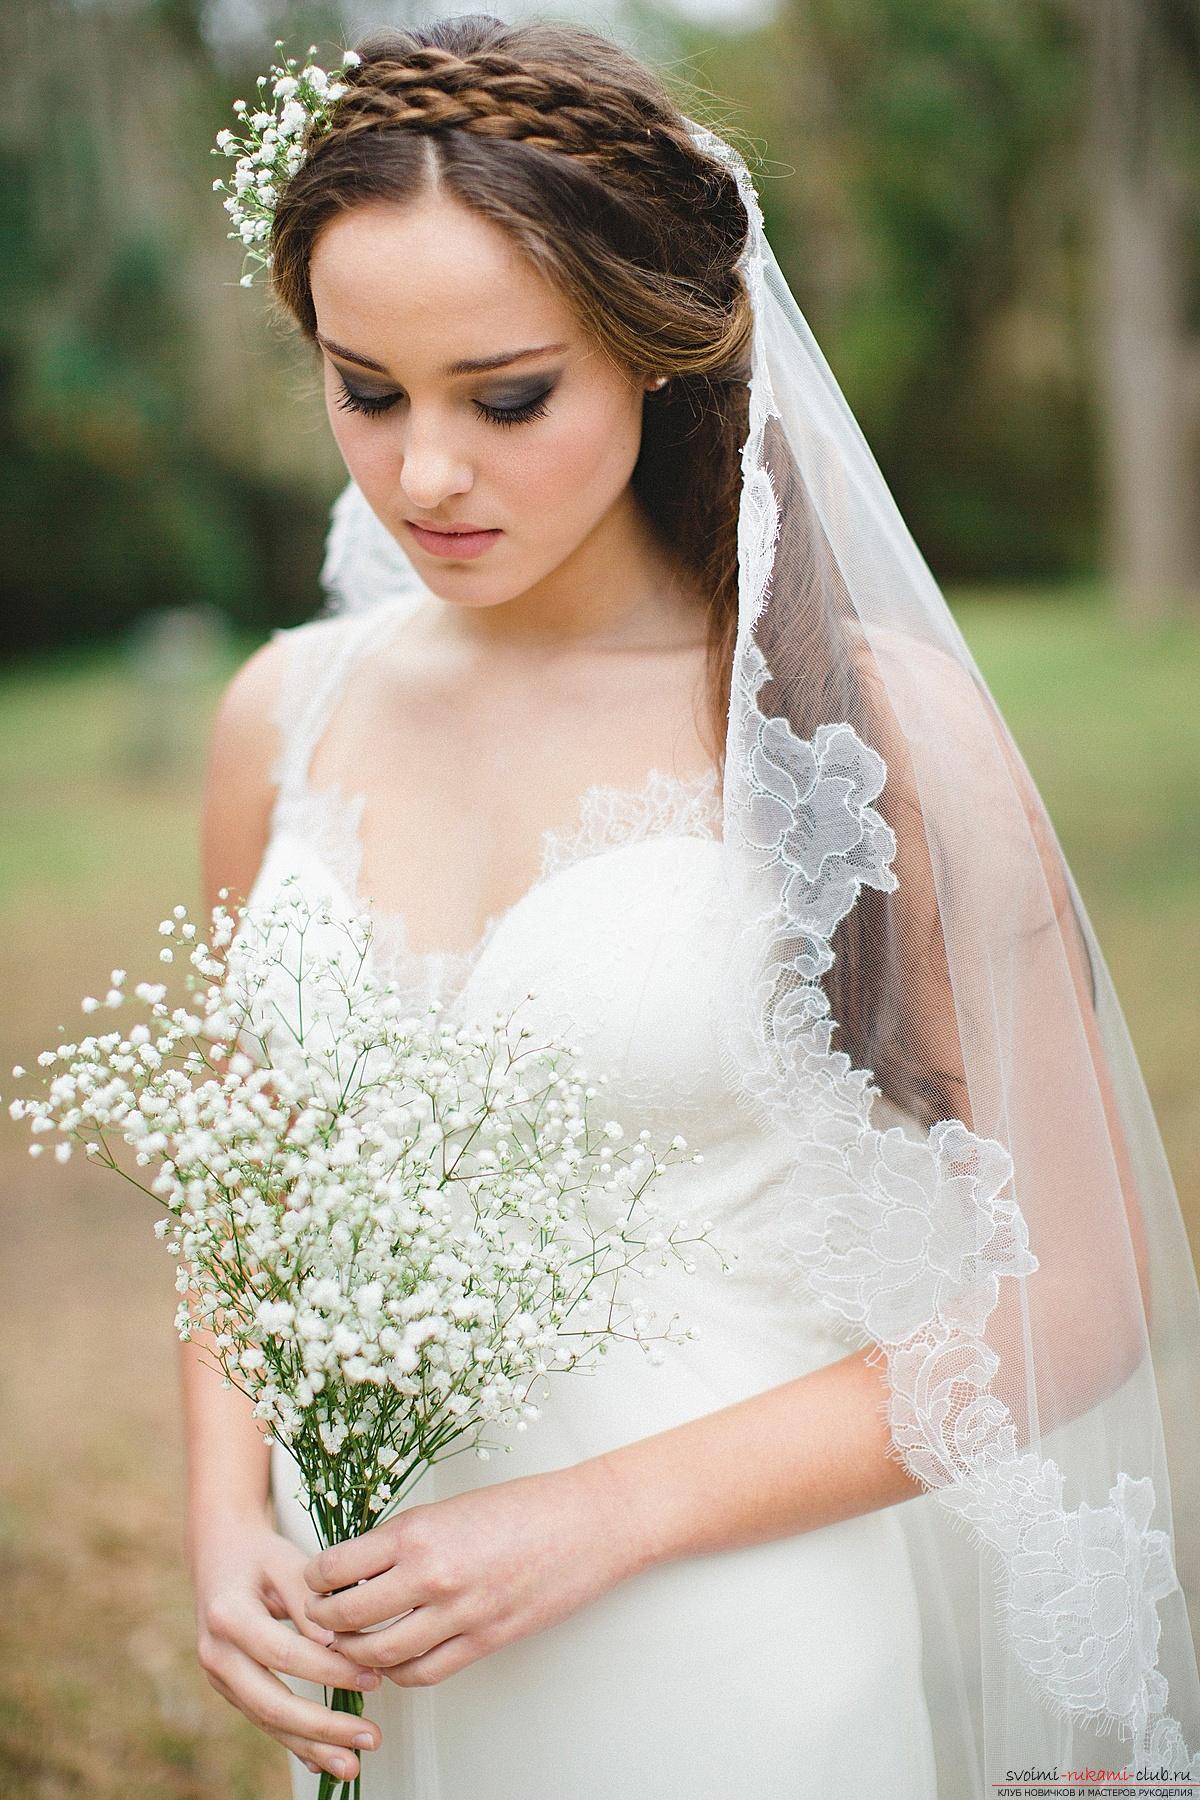 Самые красивые свадебные прически : фото свадебных причесок 17